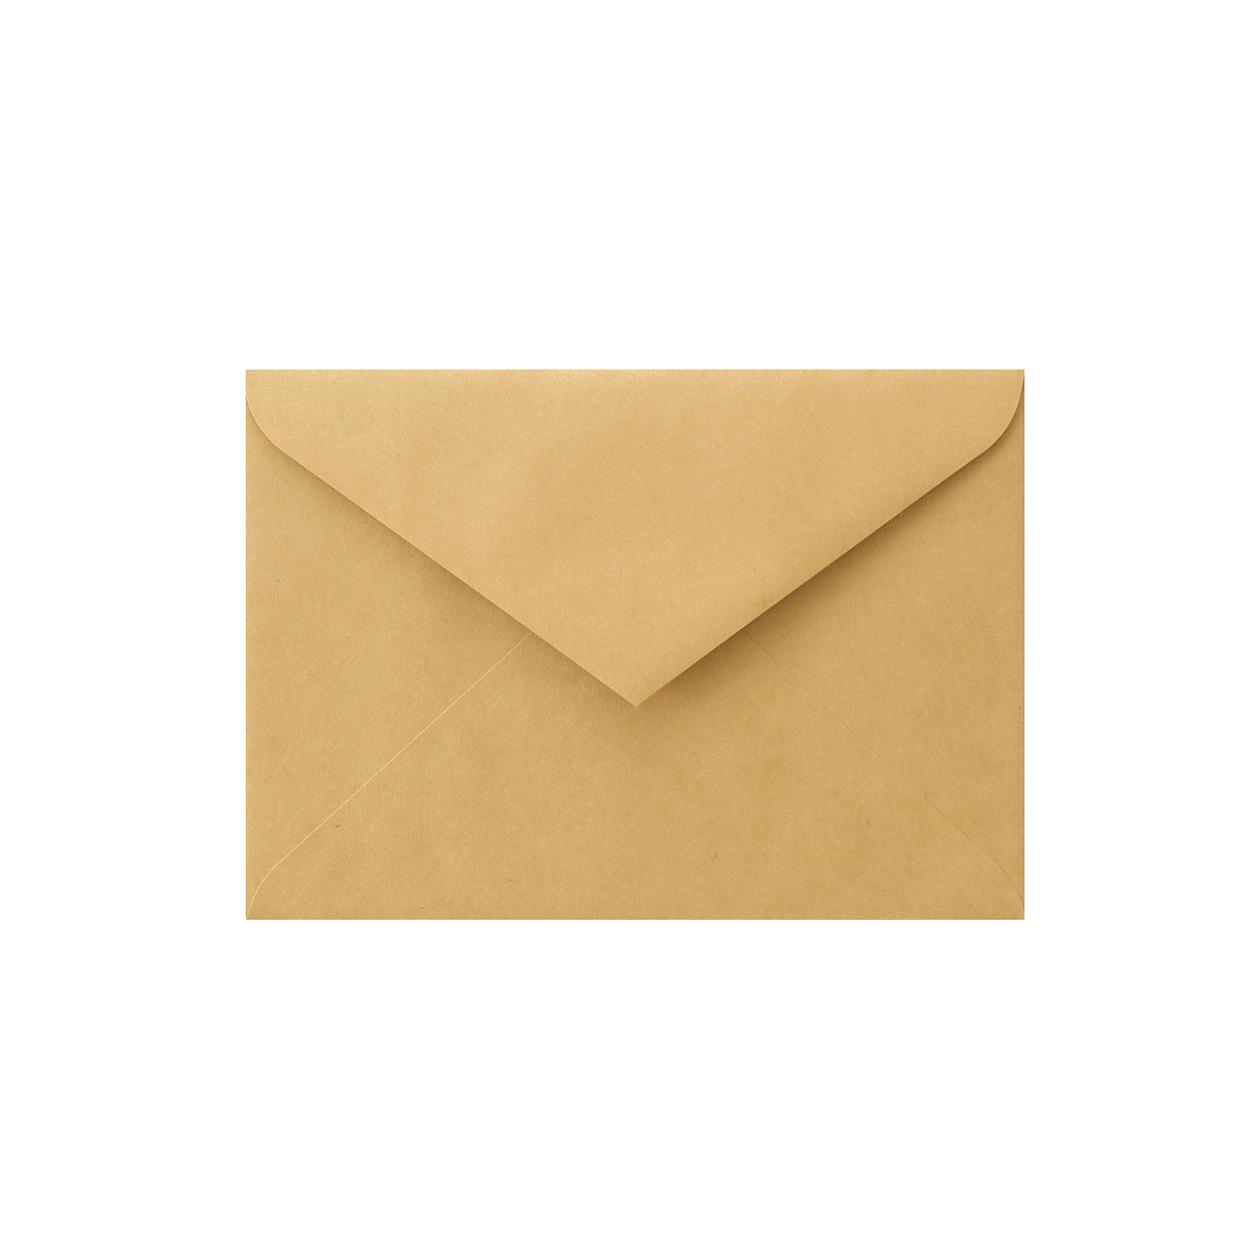 洋2ダイア封筒 クラシッククラフトゴールド 107.5g